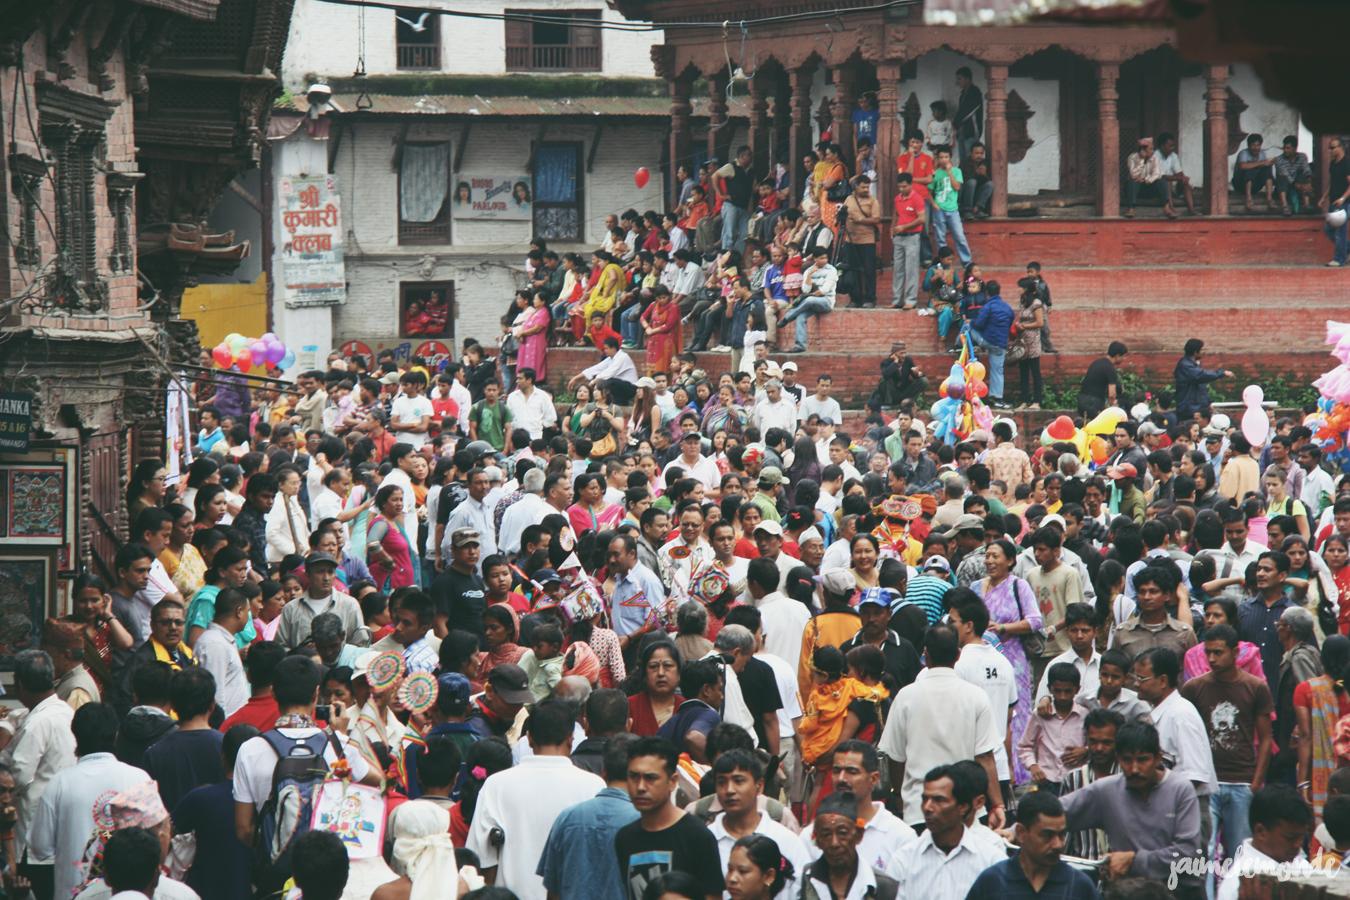 Blog voyage - 50 photos au Népal - ©jaimelemonde (48)